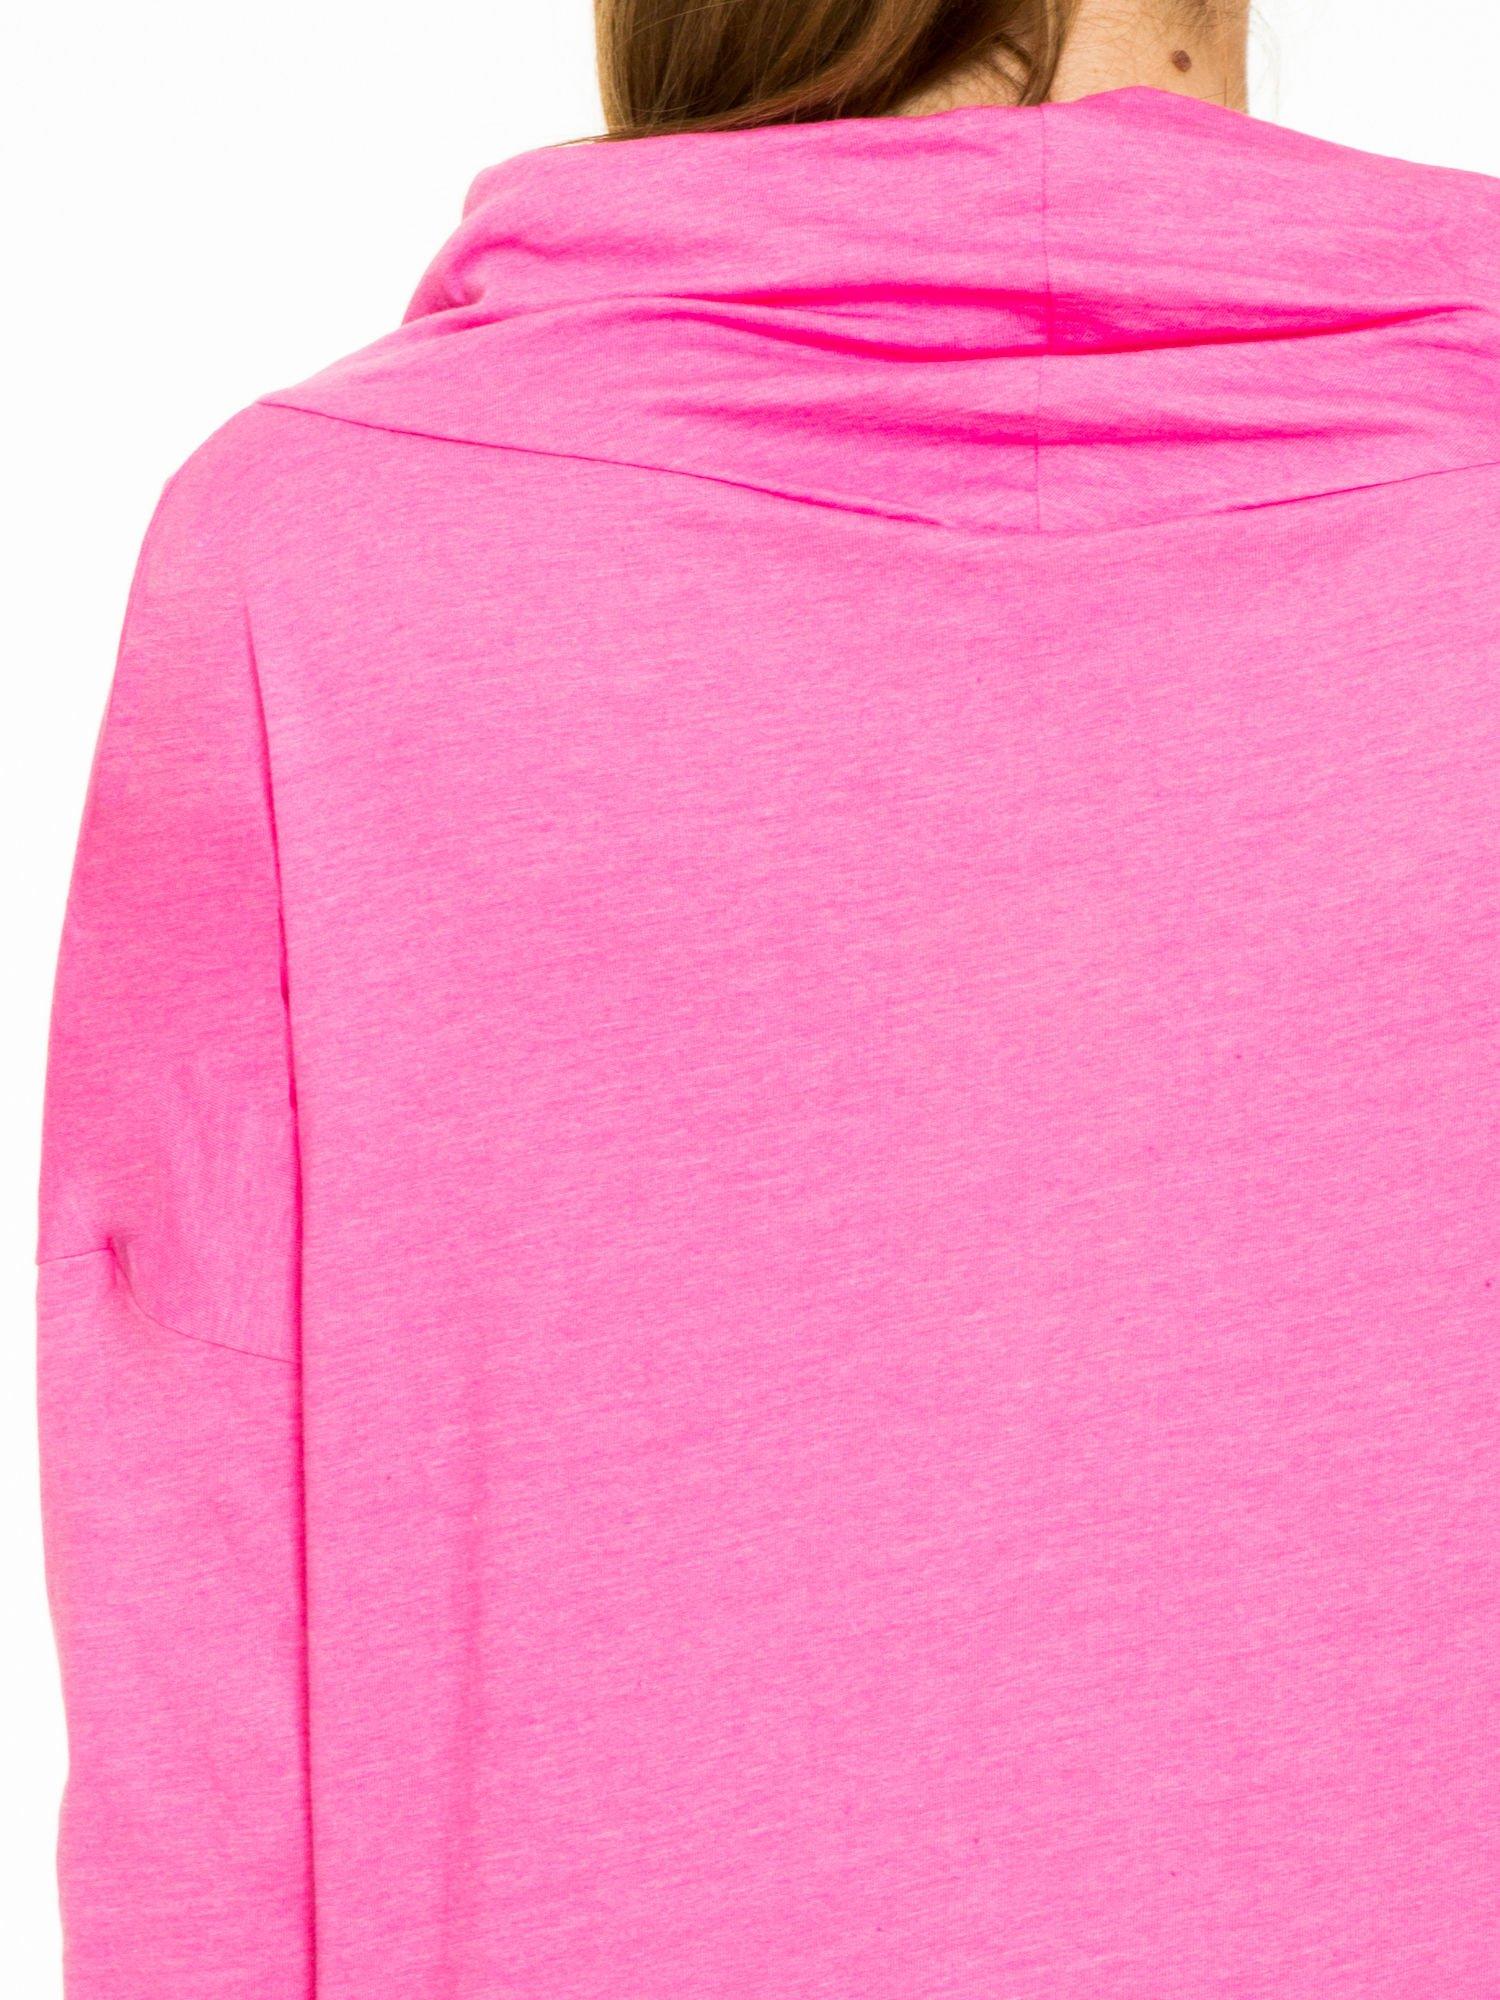 Różowa bluzka dresowa z kołnierzokapturem i ściągaczem na dole                                  zdj.                                  7